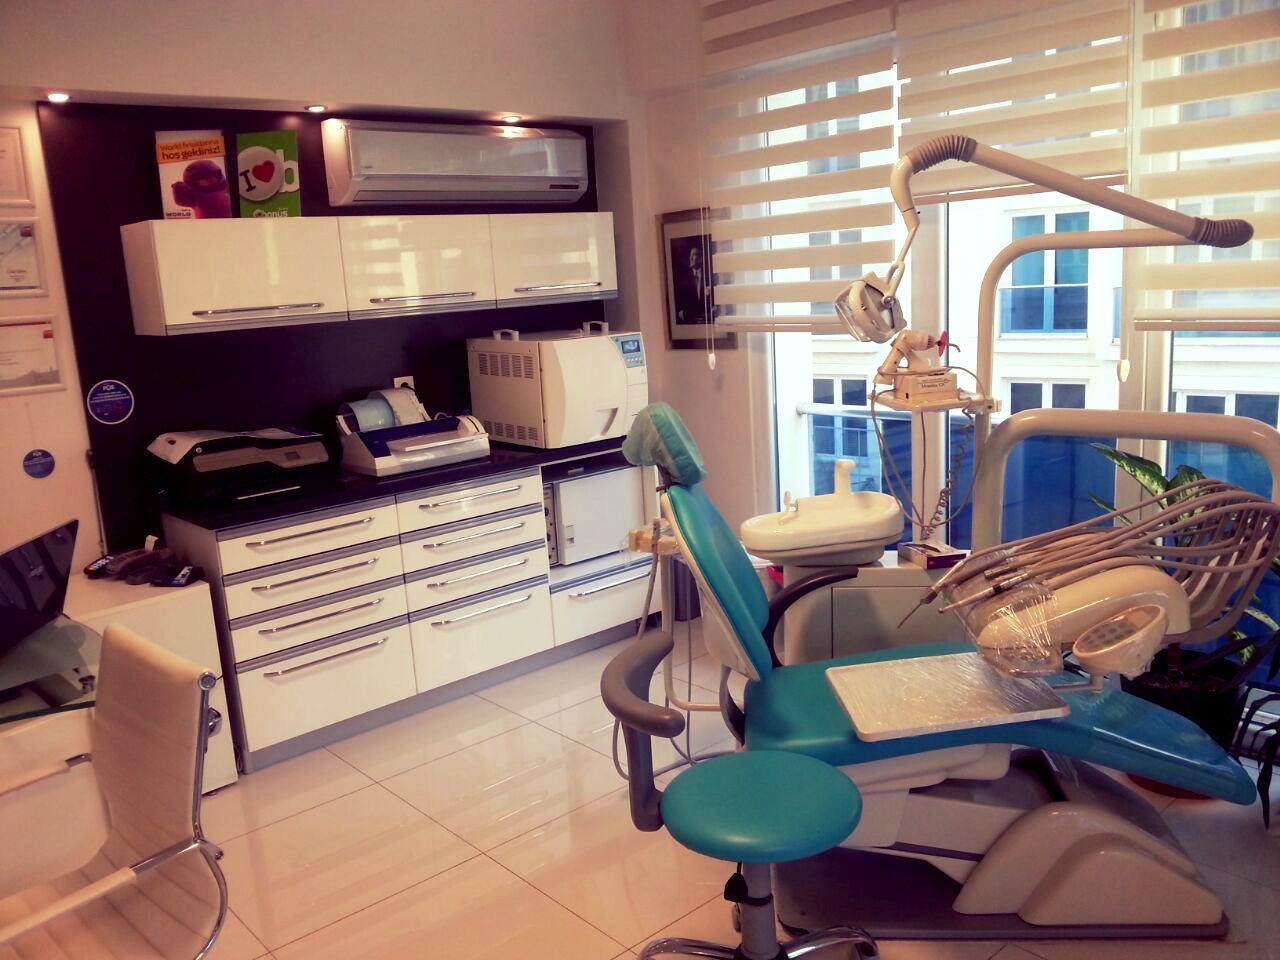 SDMIM Diş Hekimi Kliniği Tasarımı İç Dekorasyon Çorlu (12)_edited